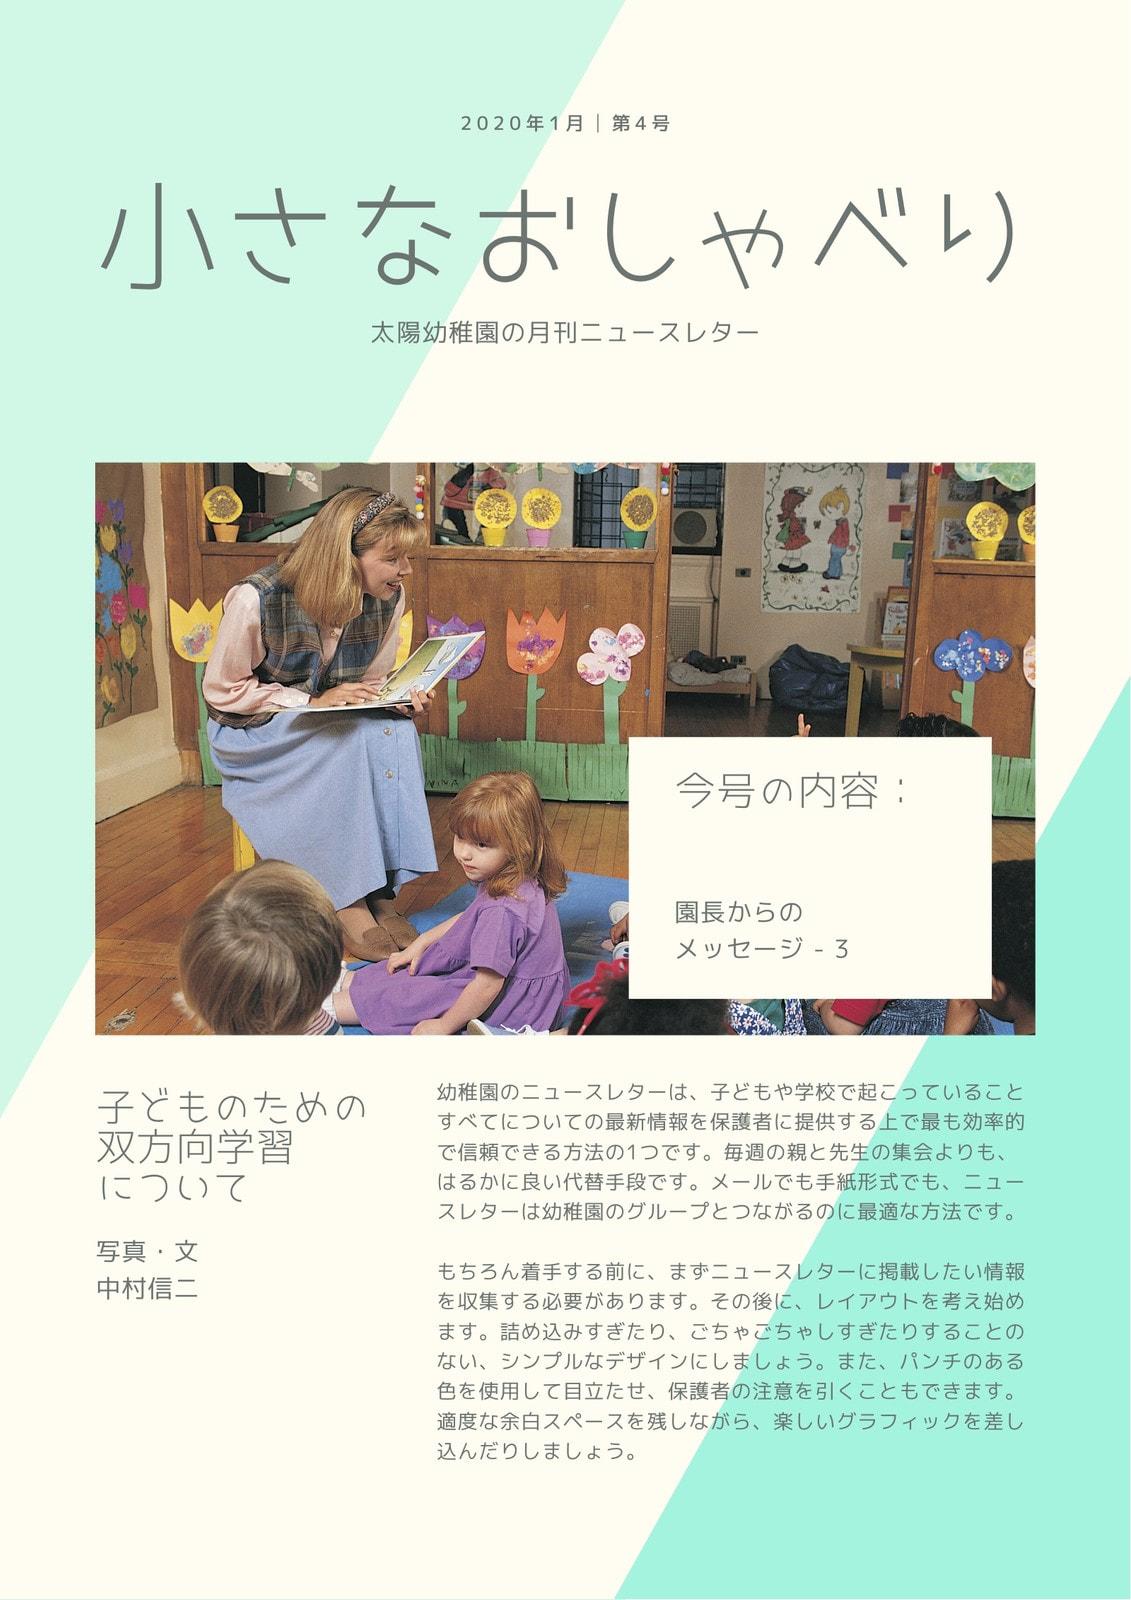 シアンと黄色 太字 クリエイティブ 幼稚園のニュースレター